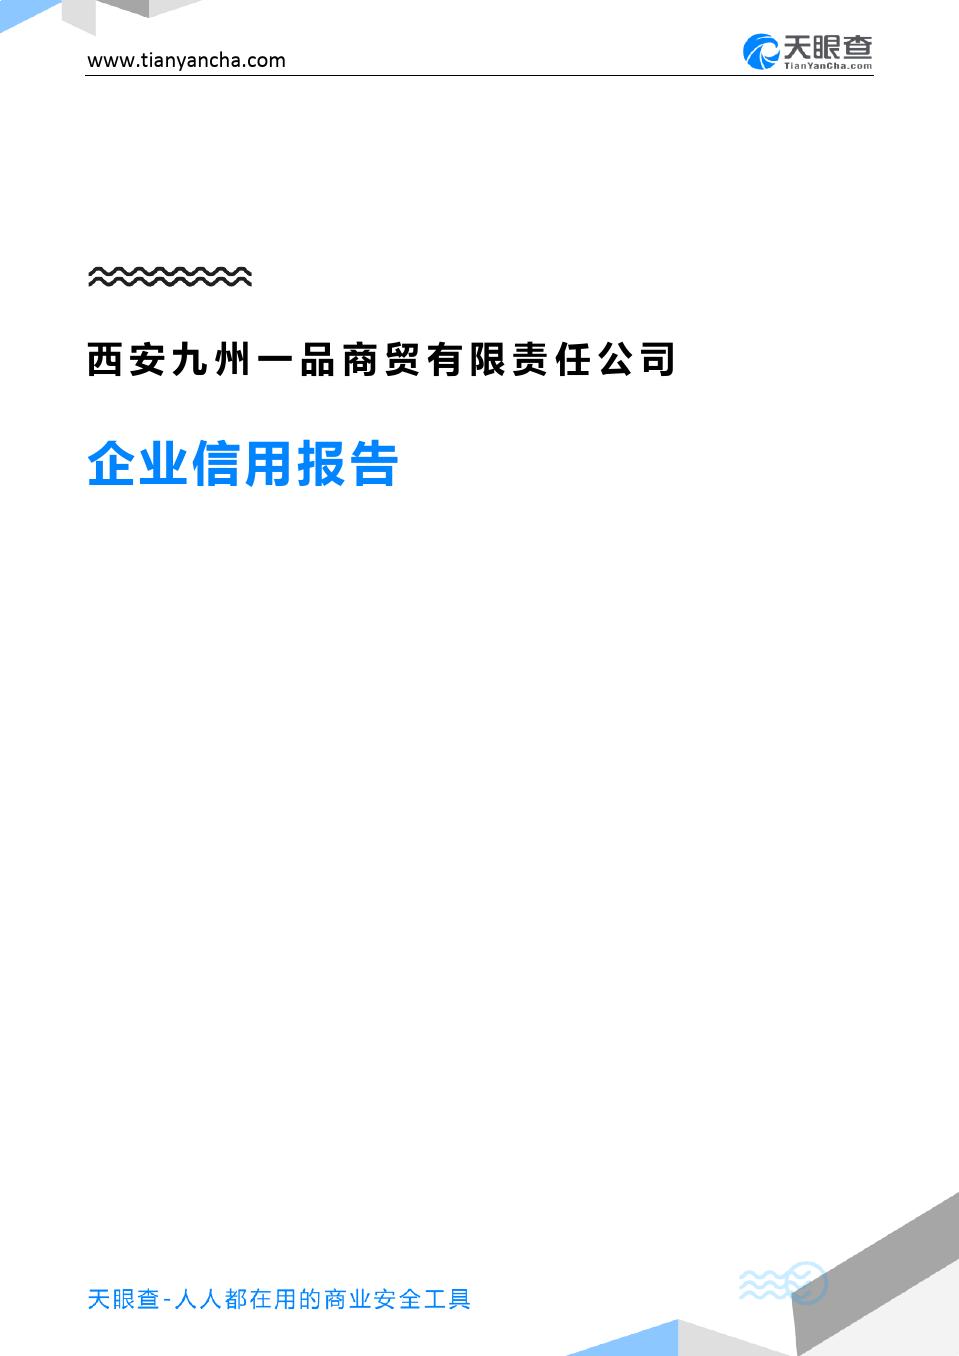 西安九州一品商贸有限责任公司(企业信用报告)- 天眼查